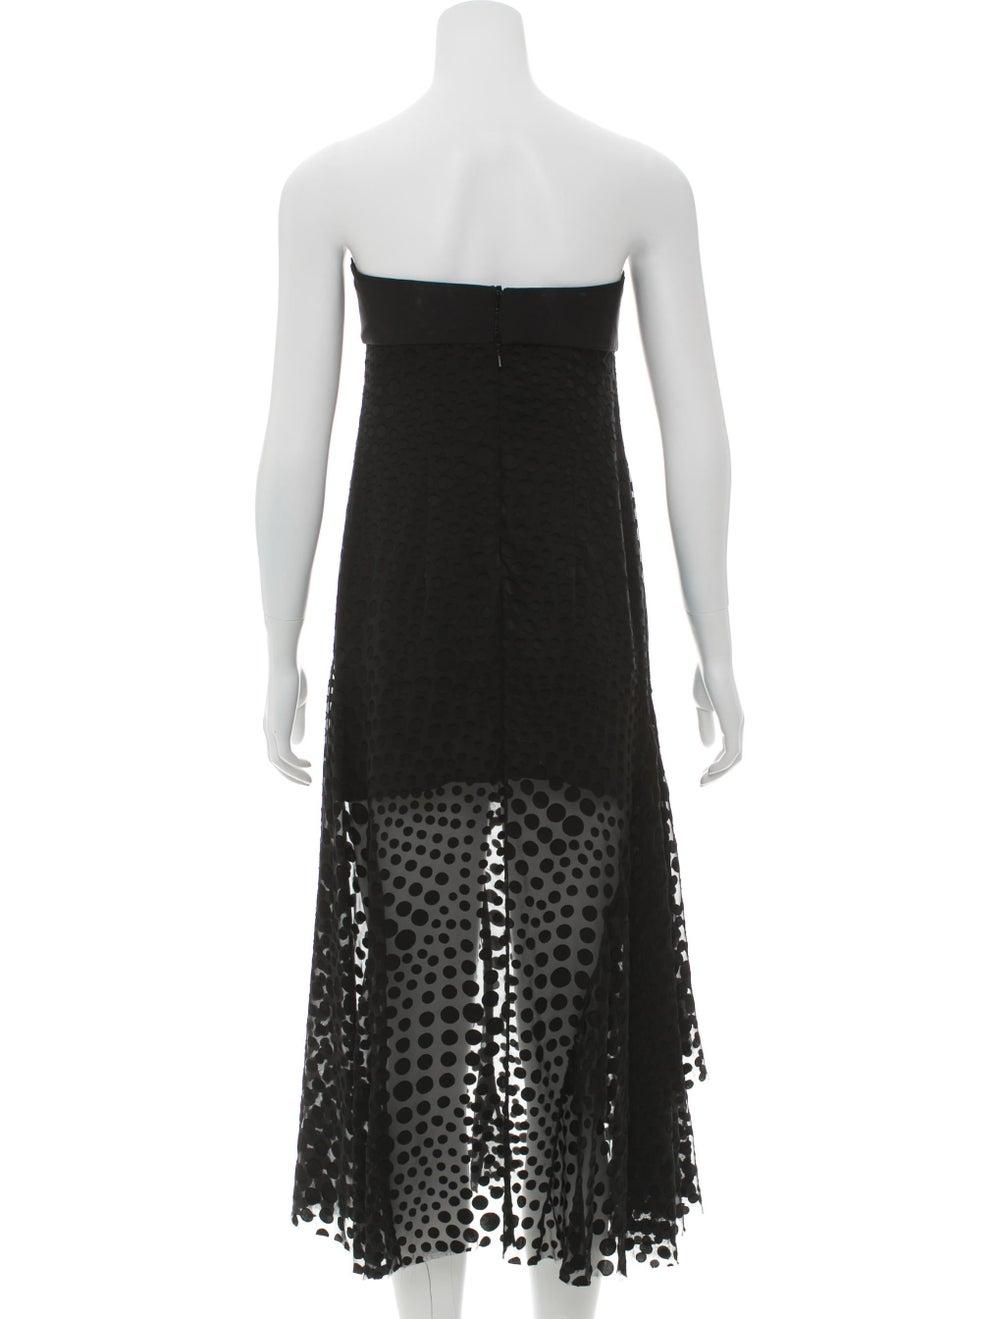 Cédric Charlier Strapless Fil-Coupé Dress Black - image 3